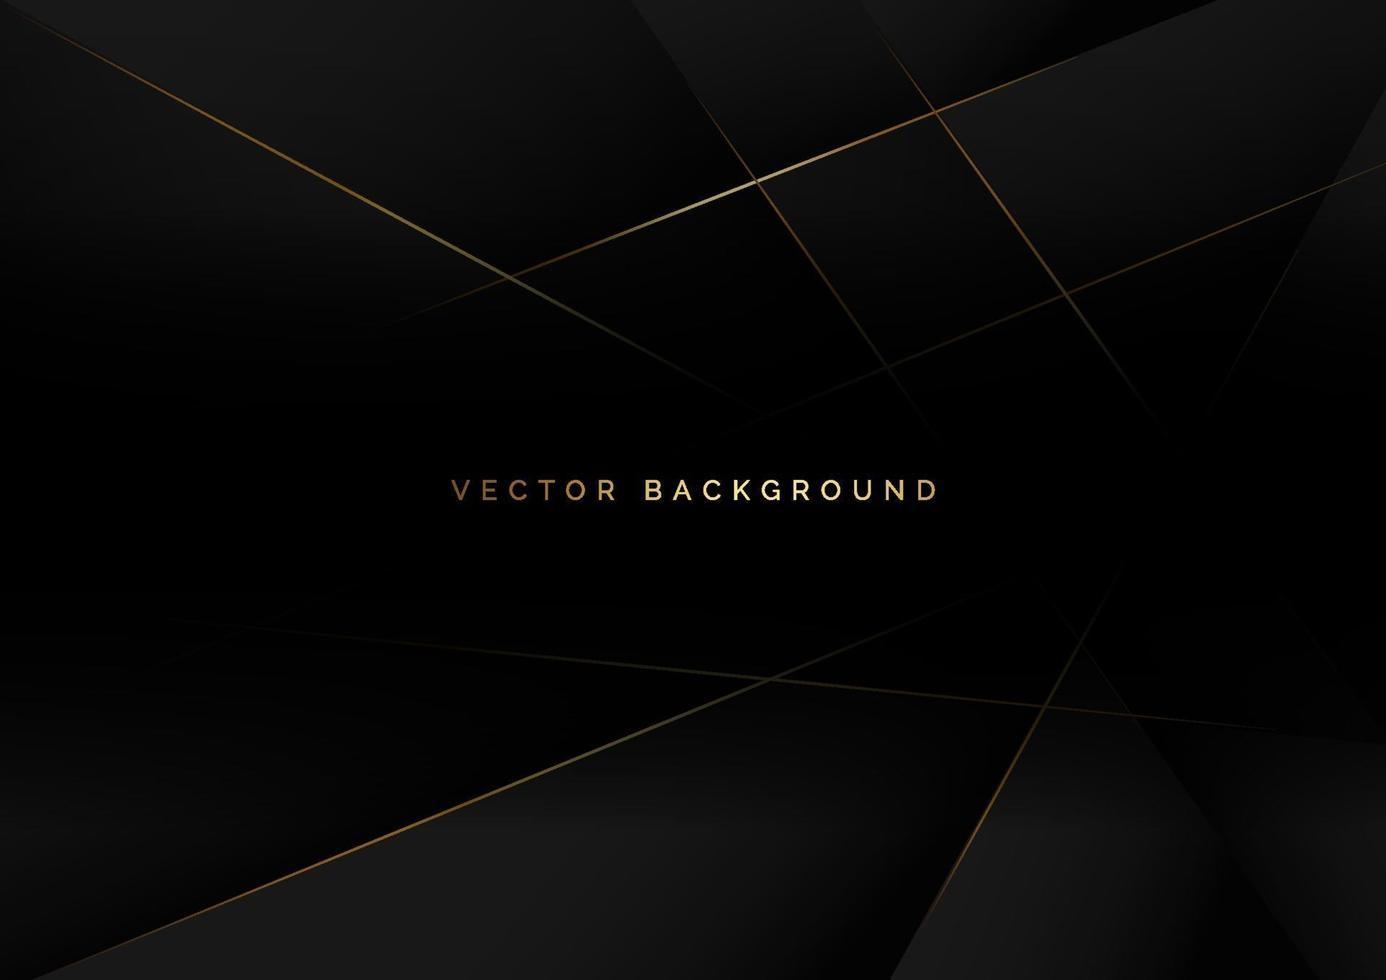 abstrakter schwarzer Luxushintergrund mit goldener Linie diagonal. vektor